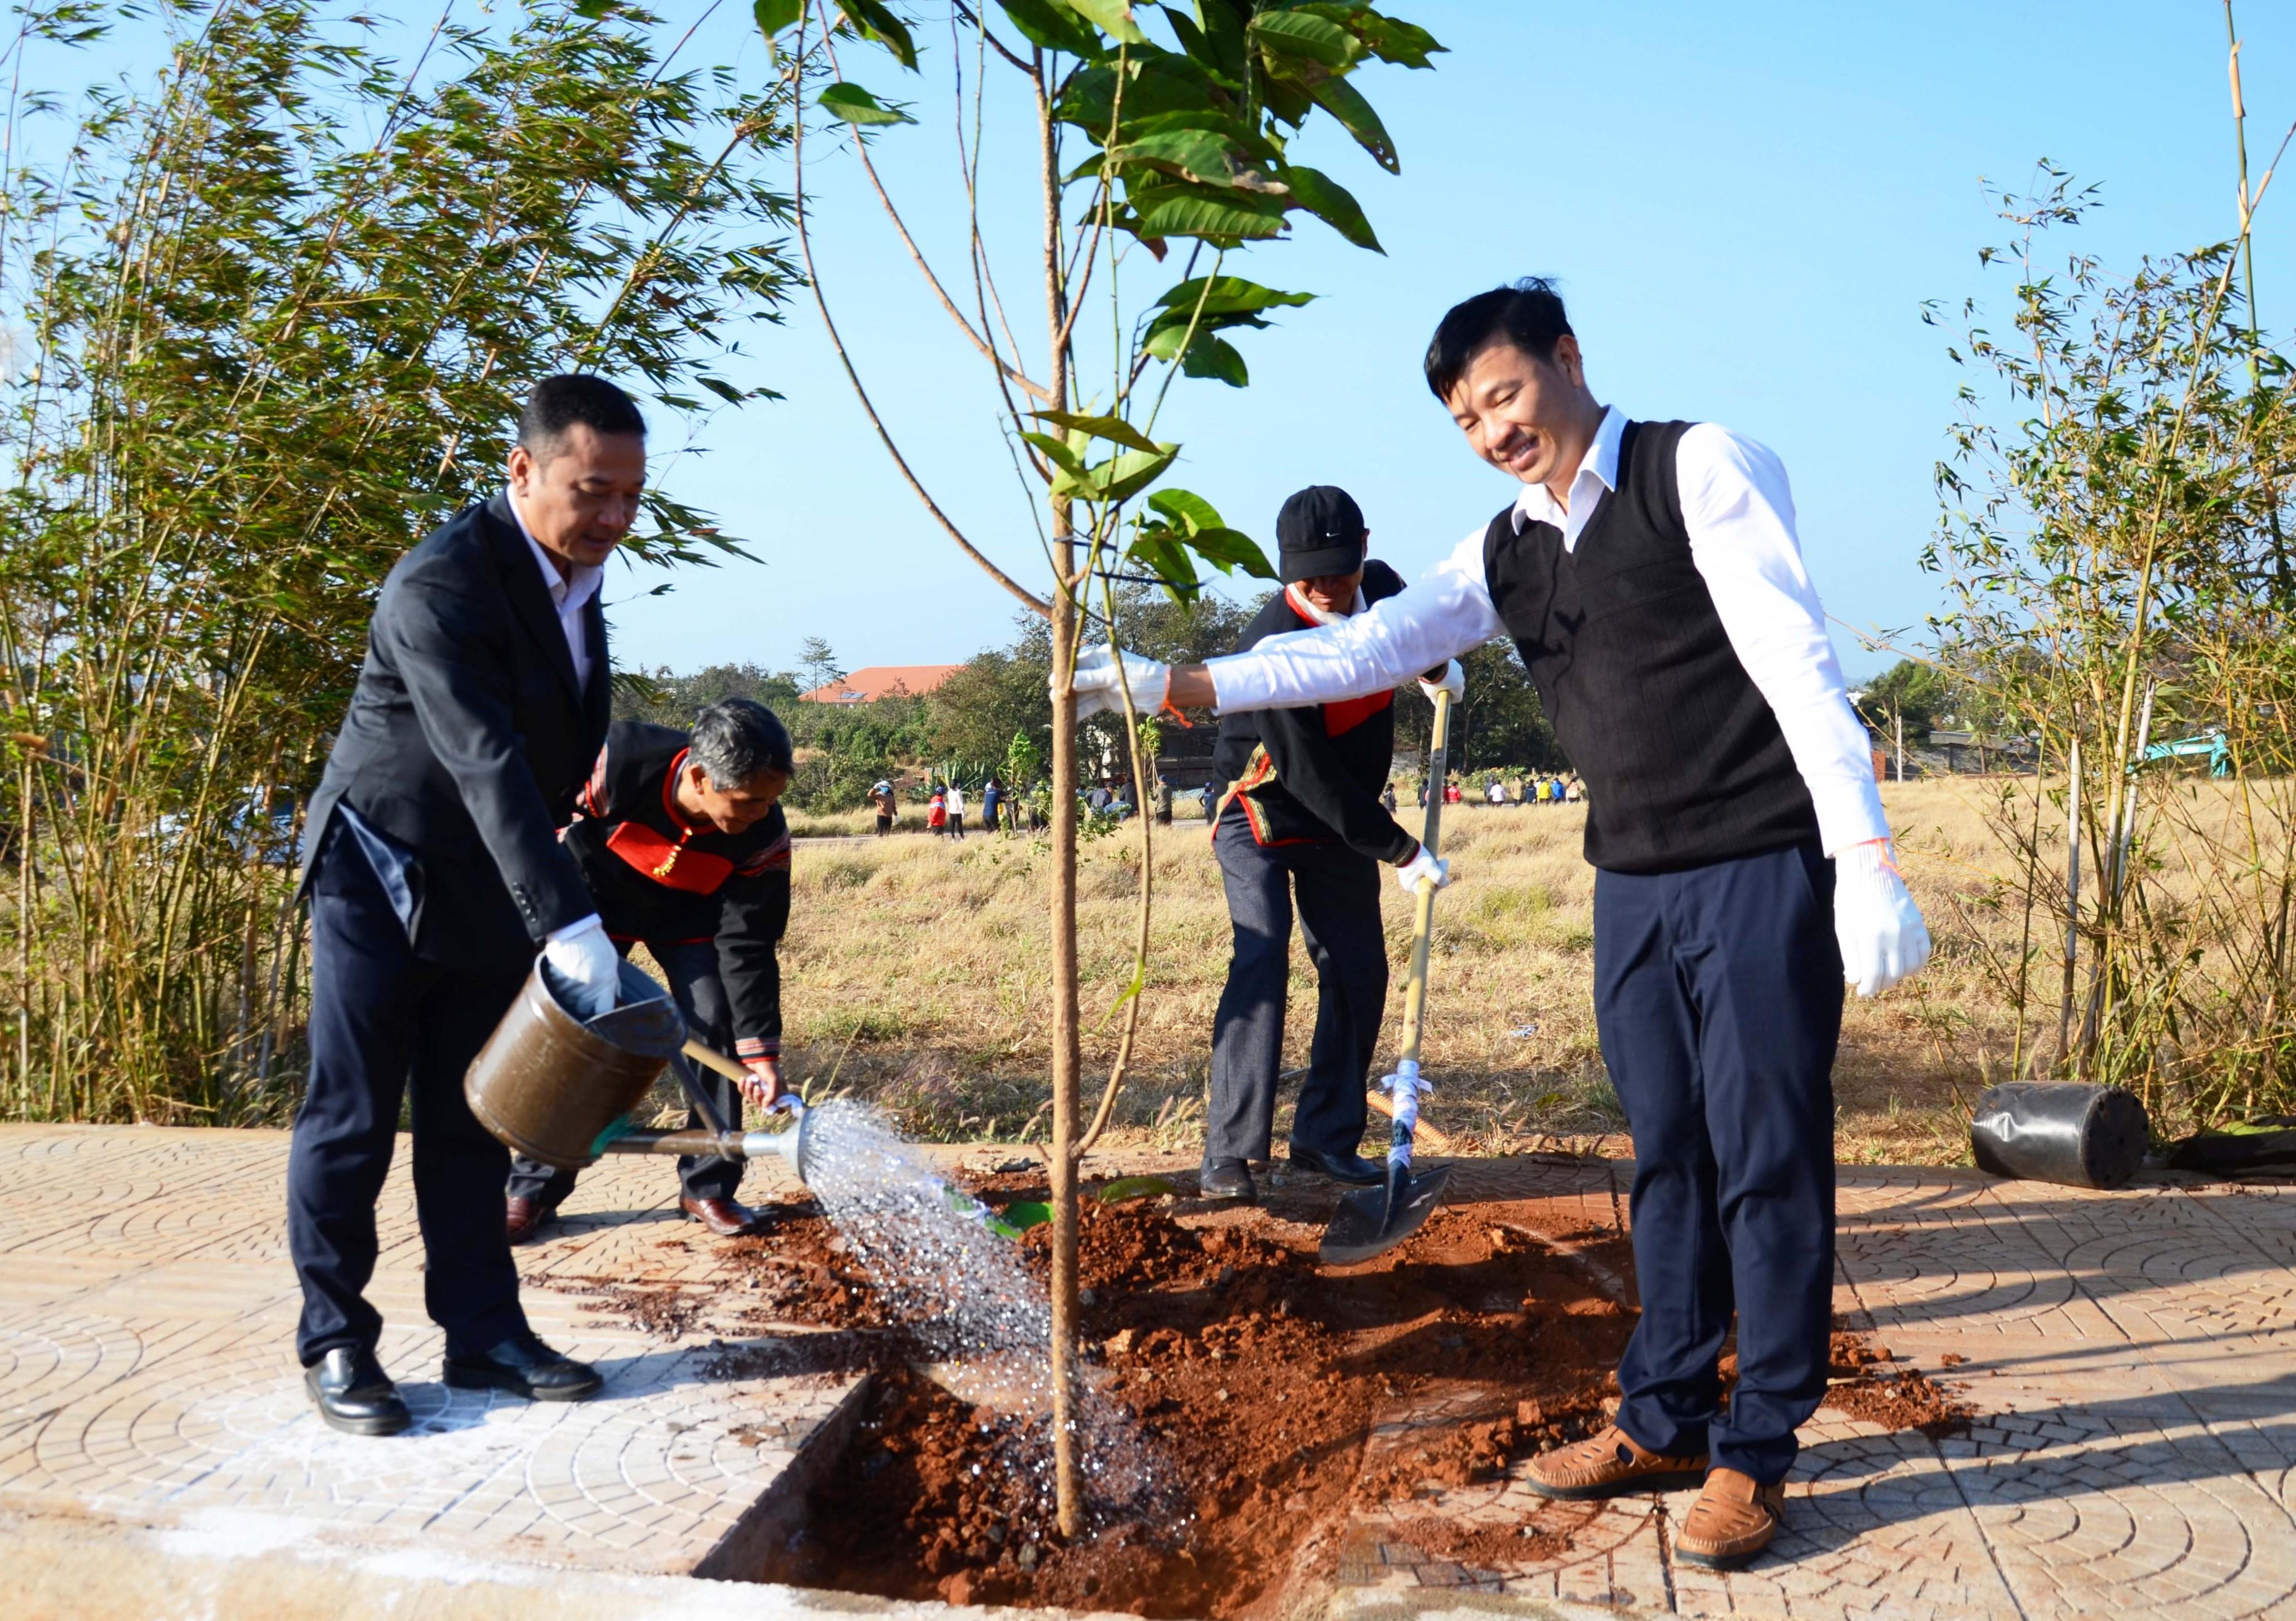 Lãnh đạo UBND tỉnh tham gia trồng cây tại Bảo tàng Thế giới Cà phê